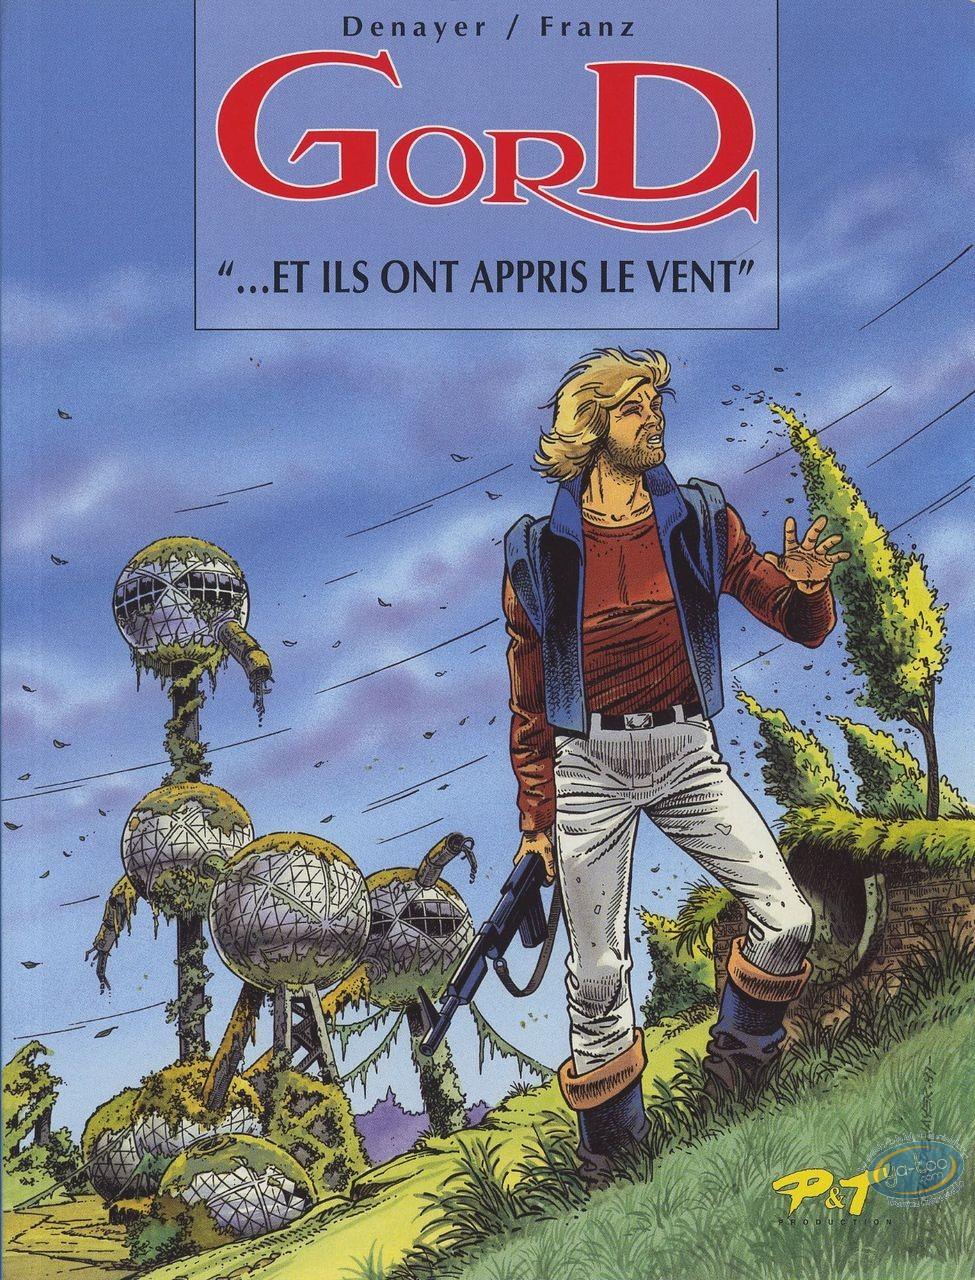 European Comic Books, Gord : et ils ont appris le vent